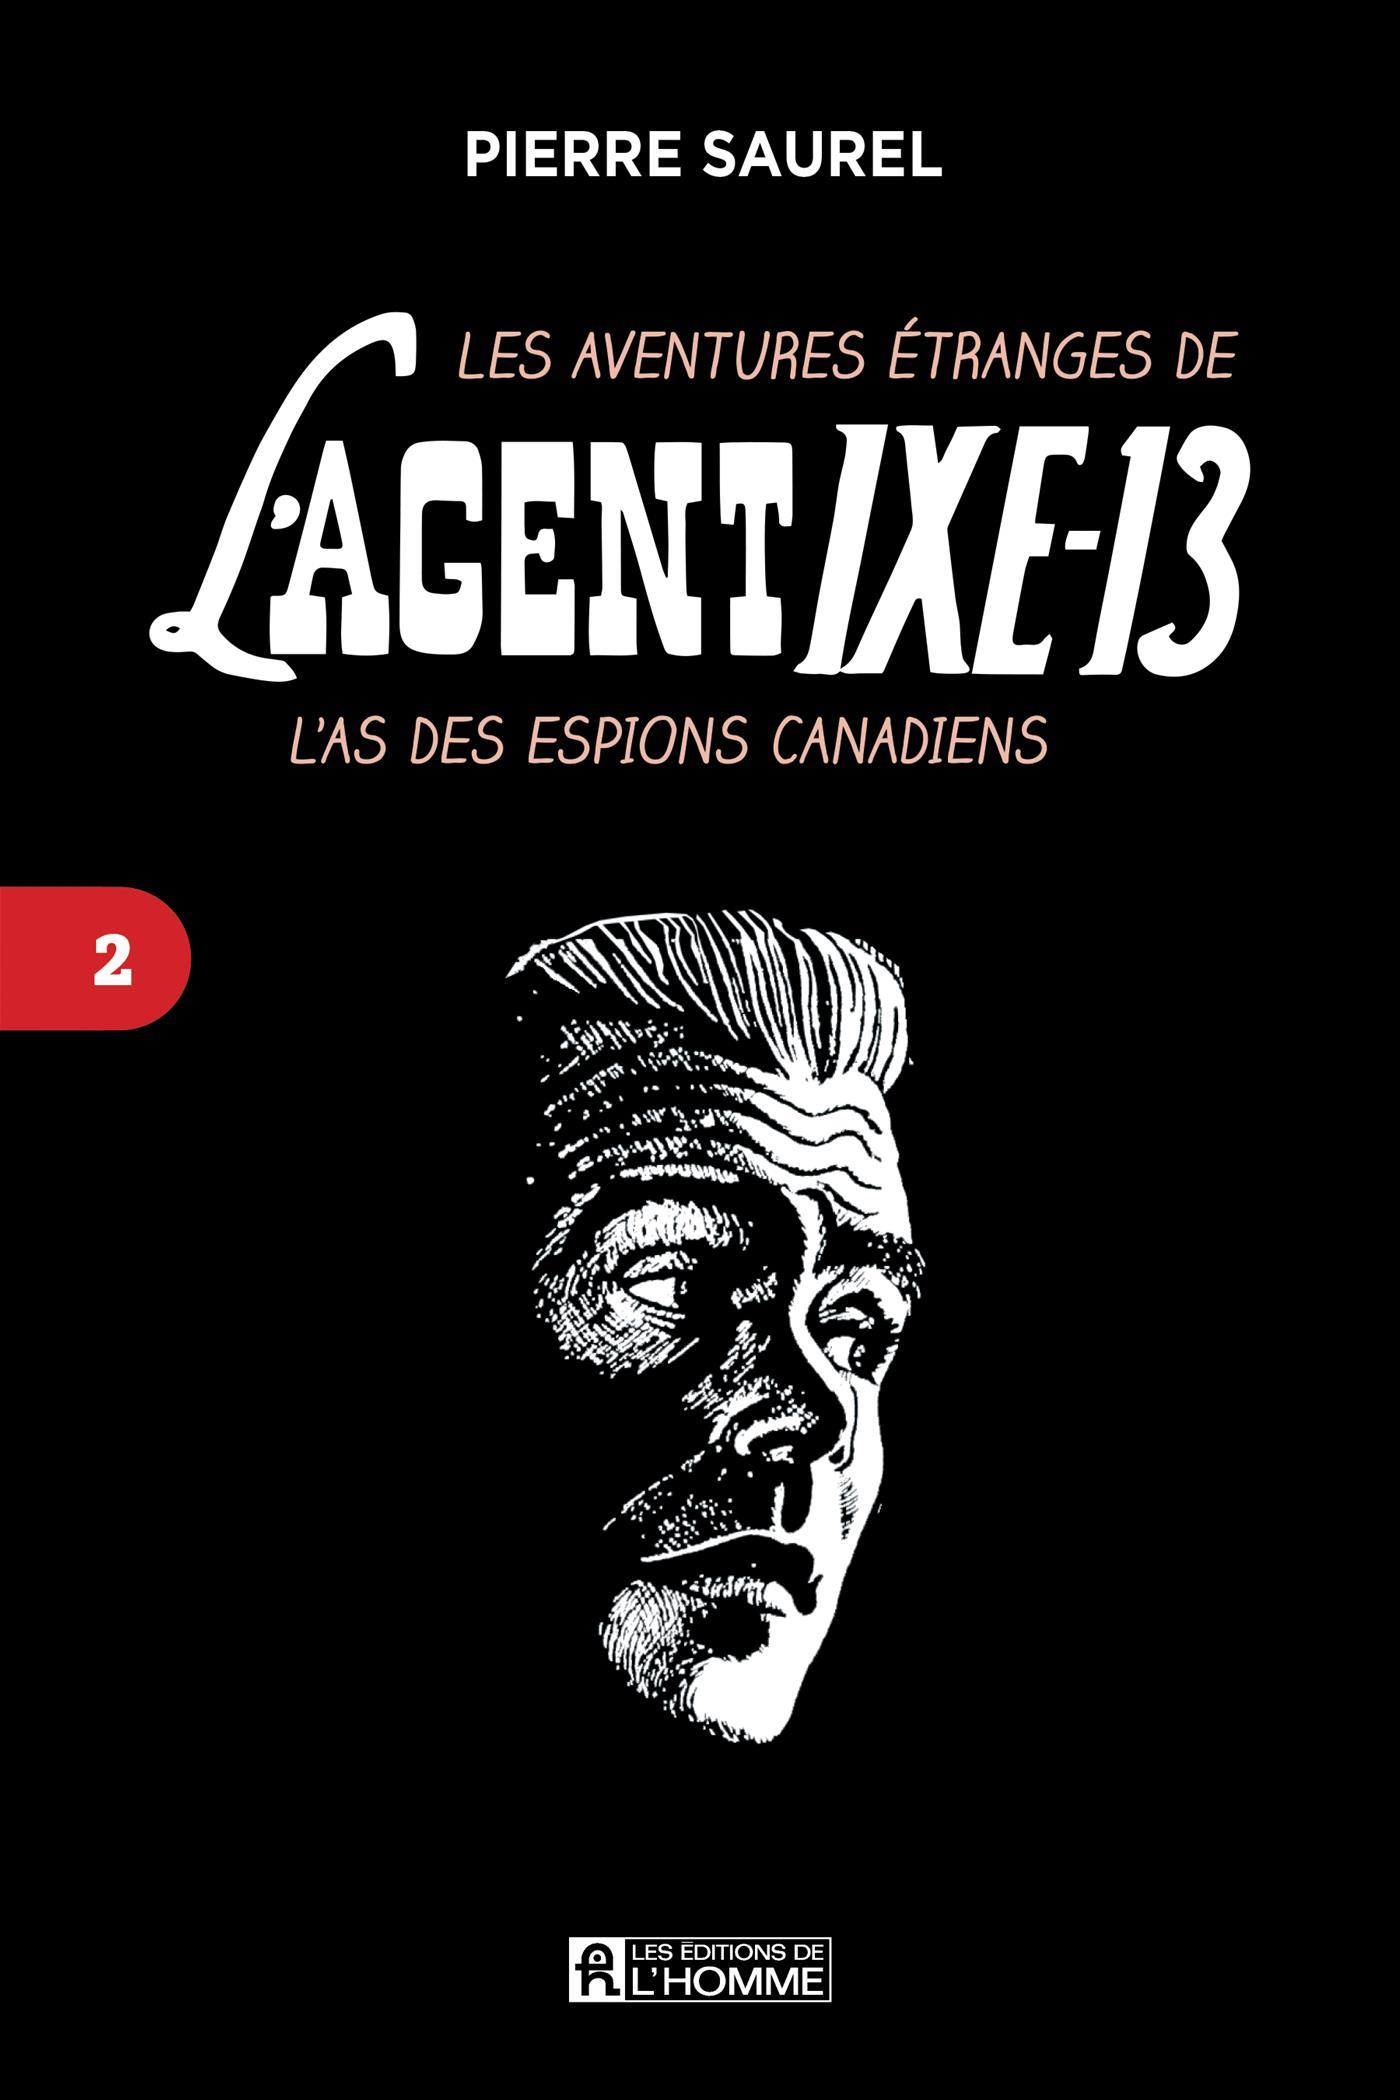 Cover image (Les aventures étranges de l'agent IXE-13 Tome 2)